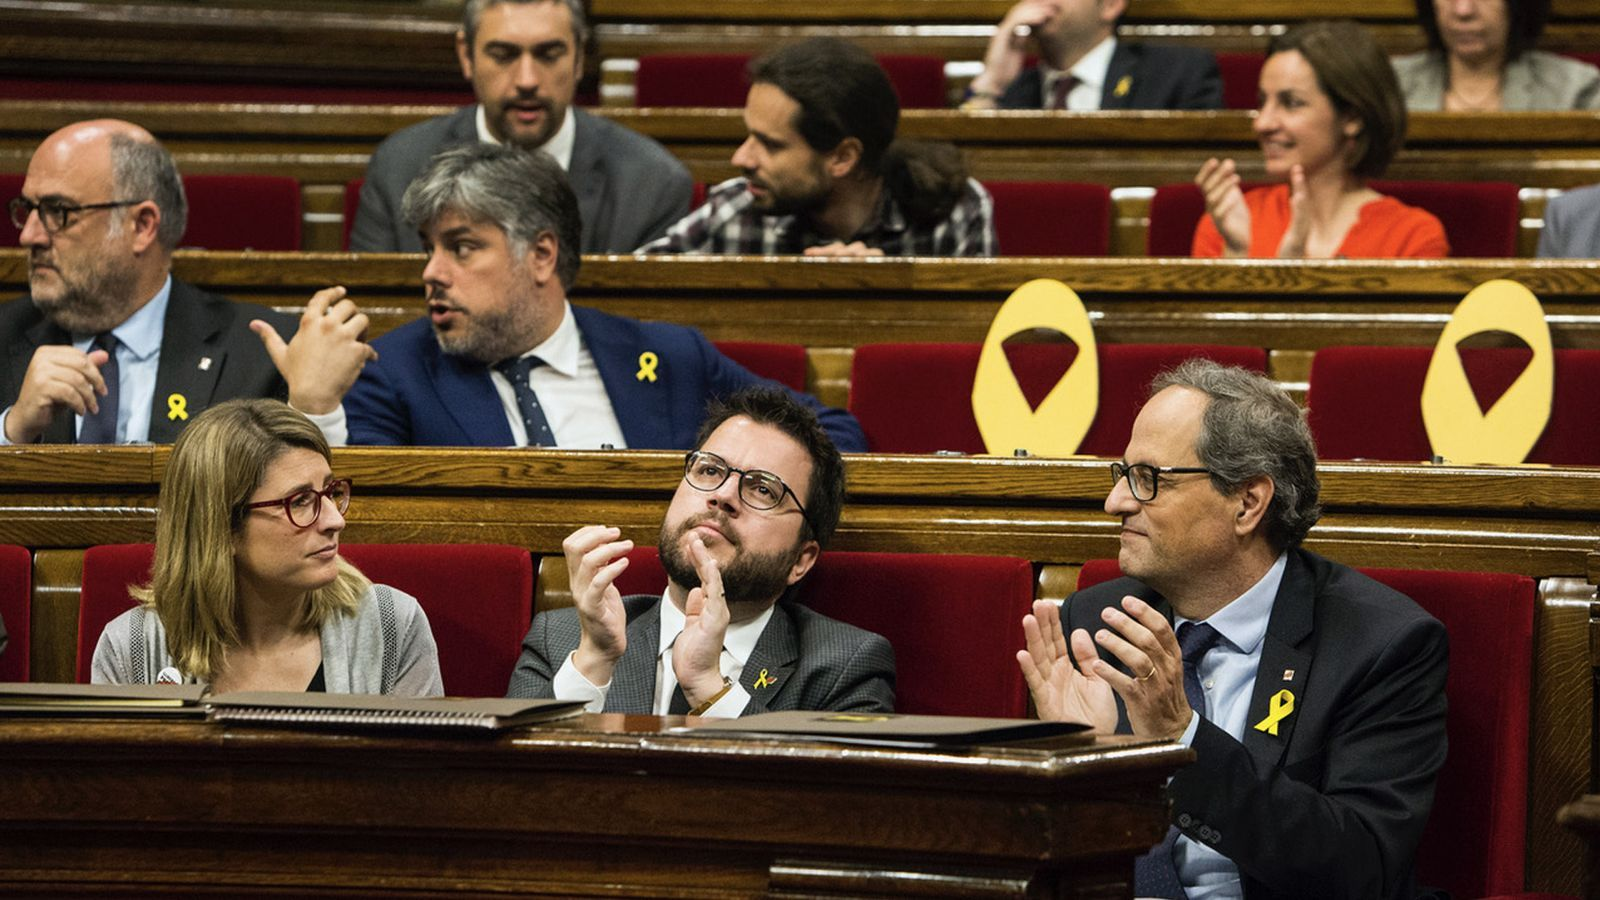 L'anàlisi d'Antoni Bassas: 'Torra diu que no ha vingut aquí a rendir-se'